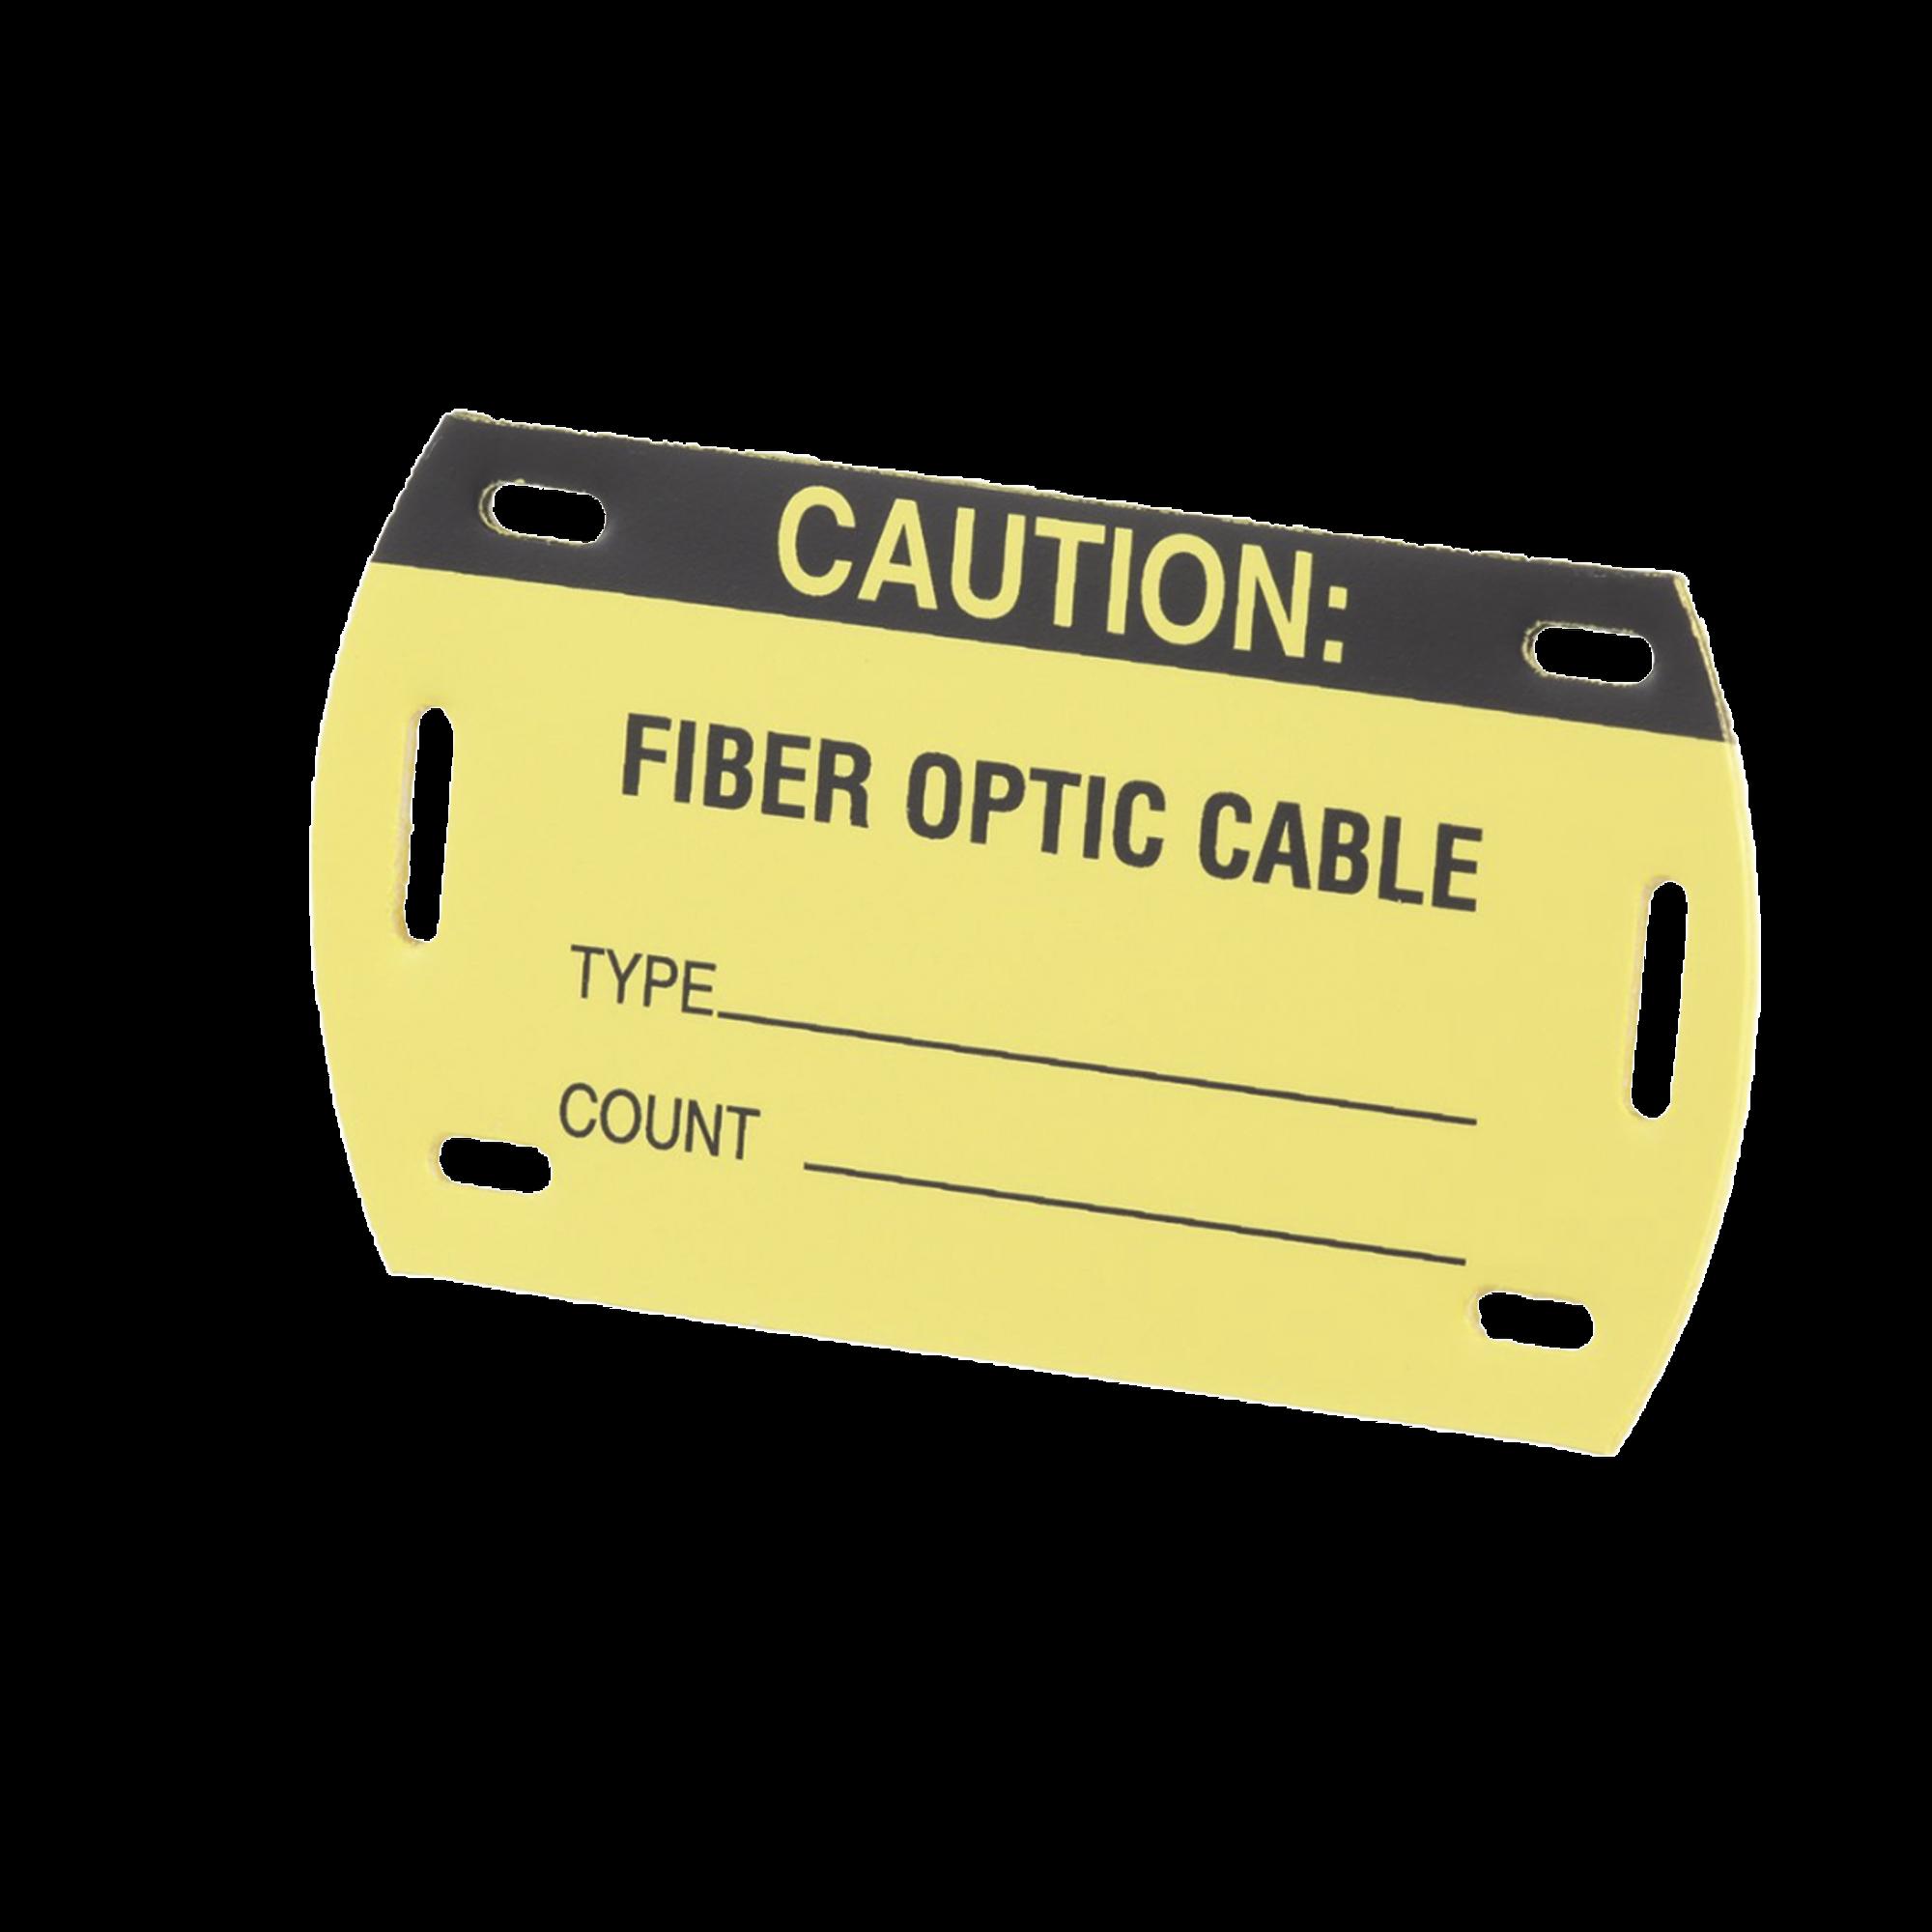 Kit de 5 Etiquetas Autolaminadas para Fibra óptica, Para Uso Interior/Exterior, Dimensiones de 90.42 x 52.32 mm, Color Negro con Amarillo